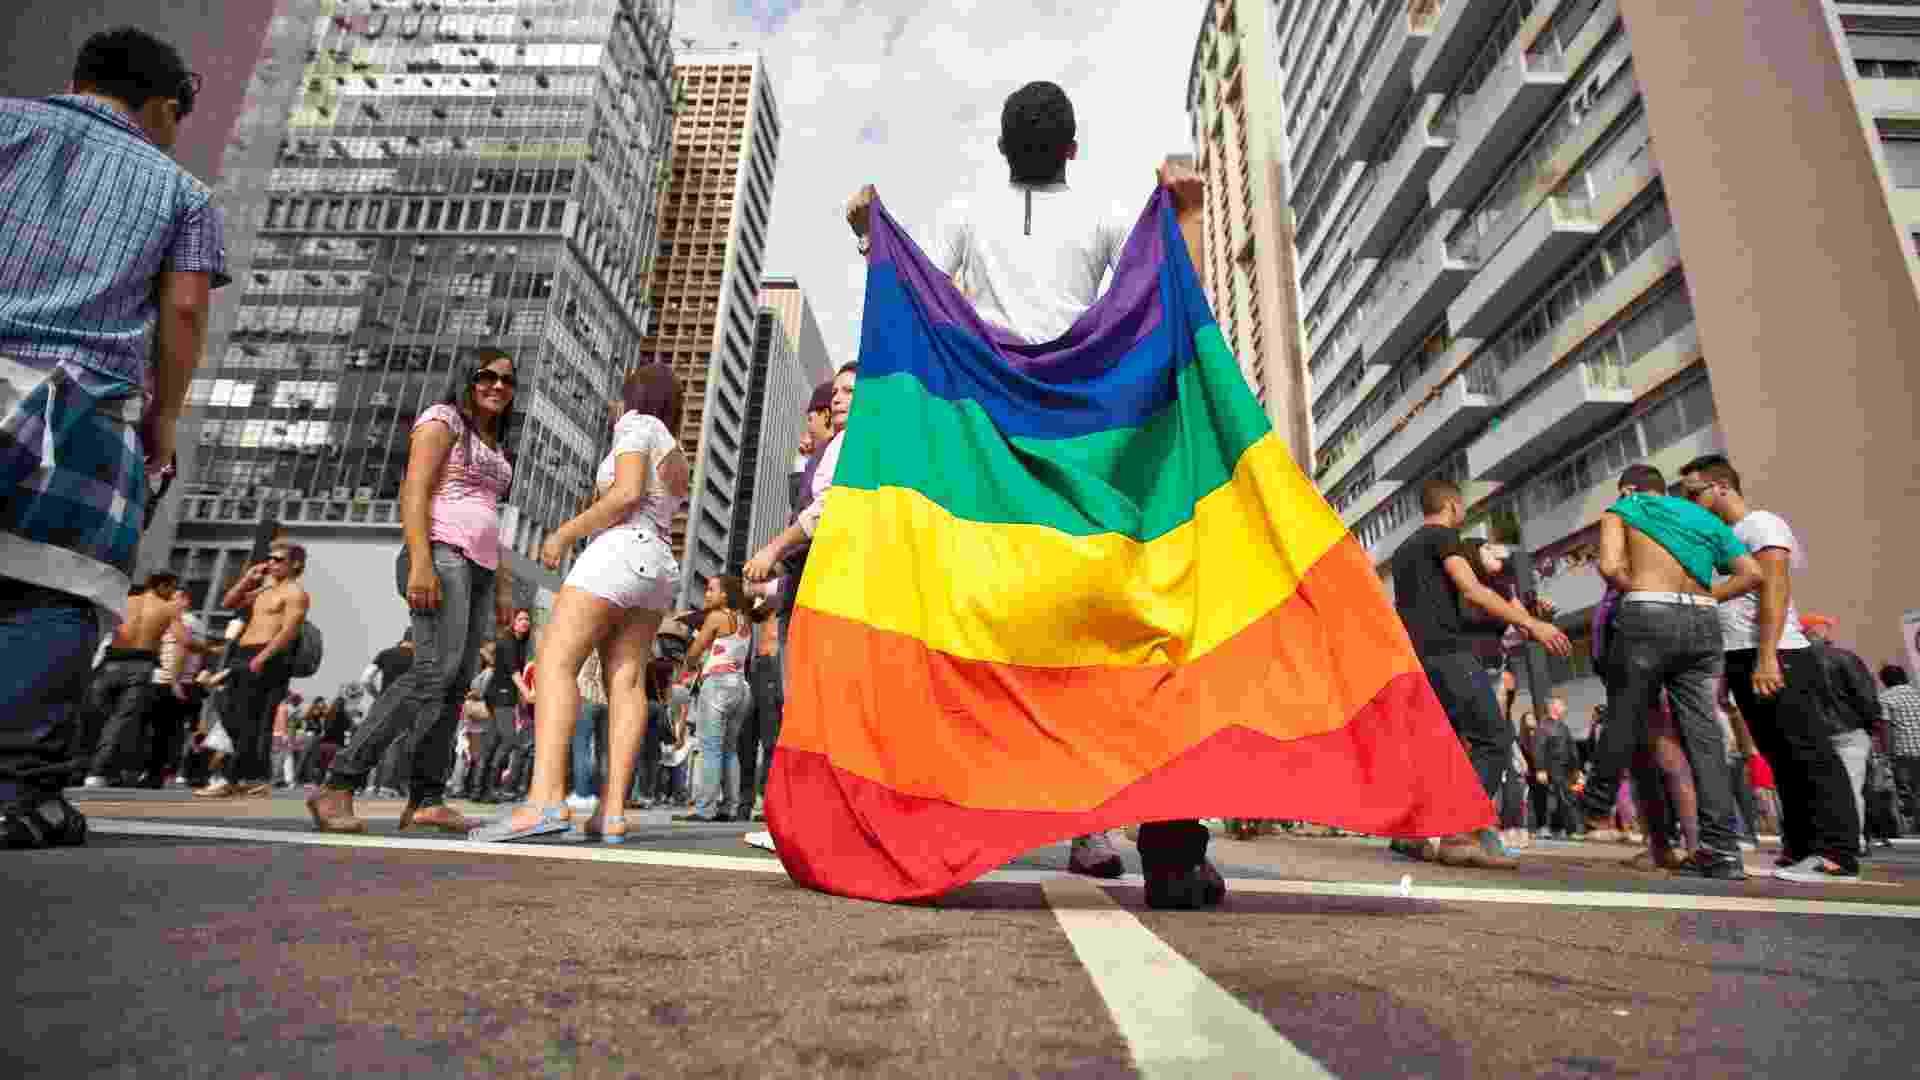 Imagem da 16ª Parada Gay, realizada no dia 10 de junho de 2012. Em 2011, apenas 14,0% (383) dos órgãos gestores de políticas de direitos humanos declararam ter programas para lésbicas, gays, bissexuais, travestis e transexuais  - Simon Plestenjak/Folhapress